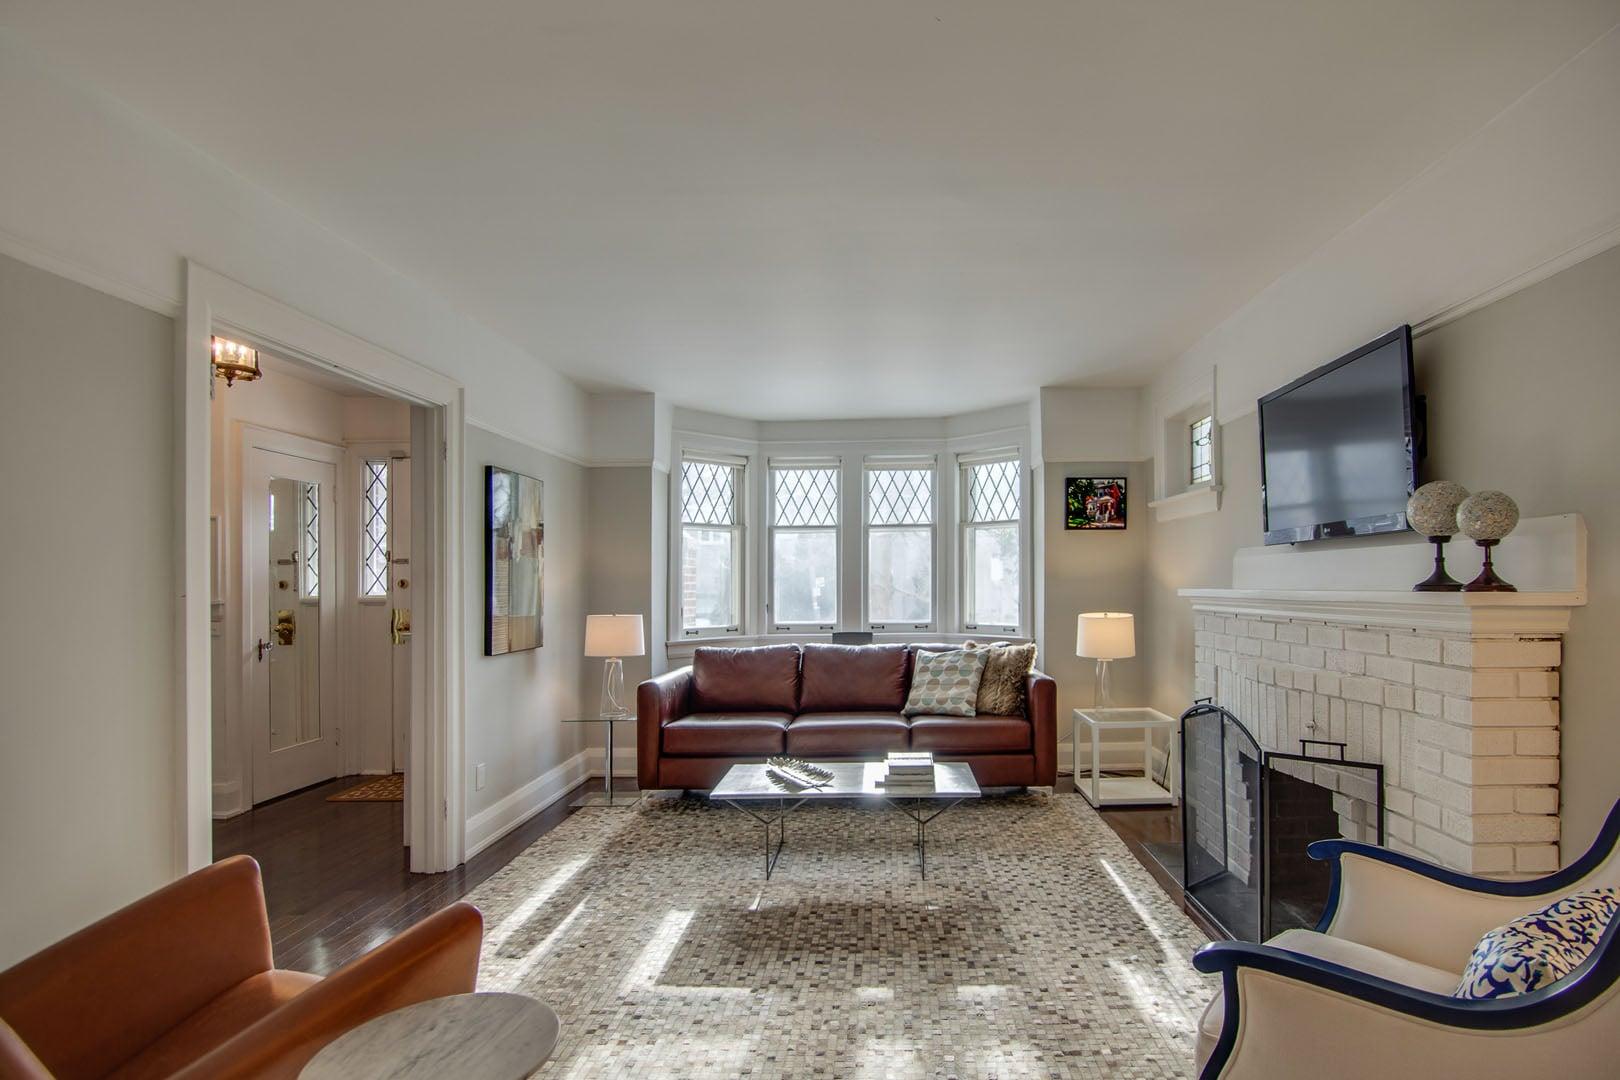 228 St Germain livingroom.jpg